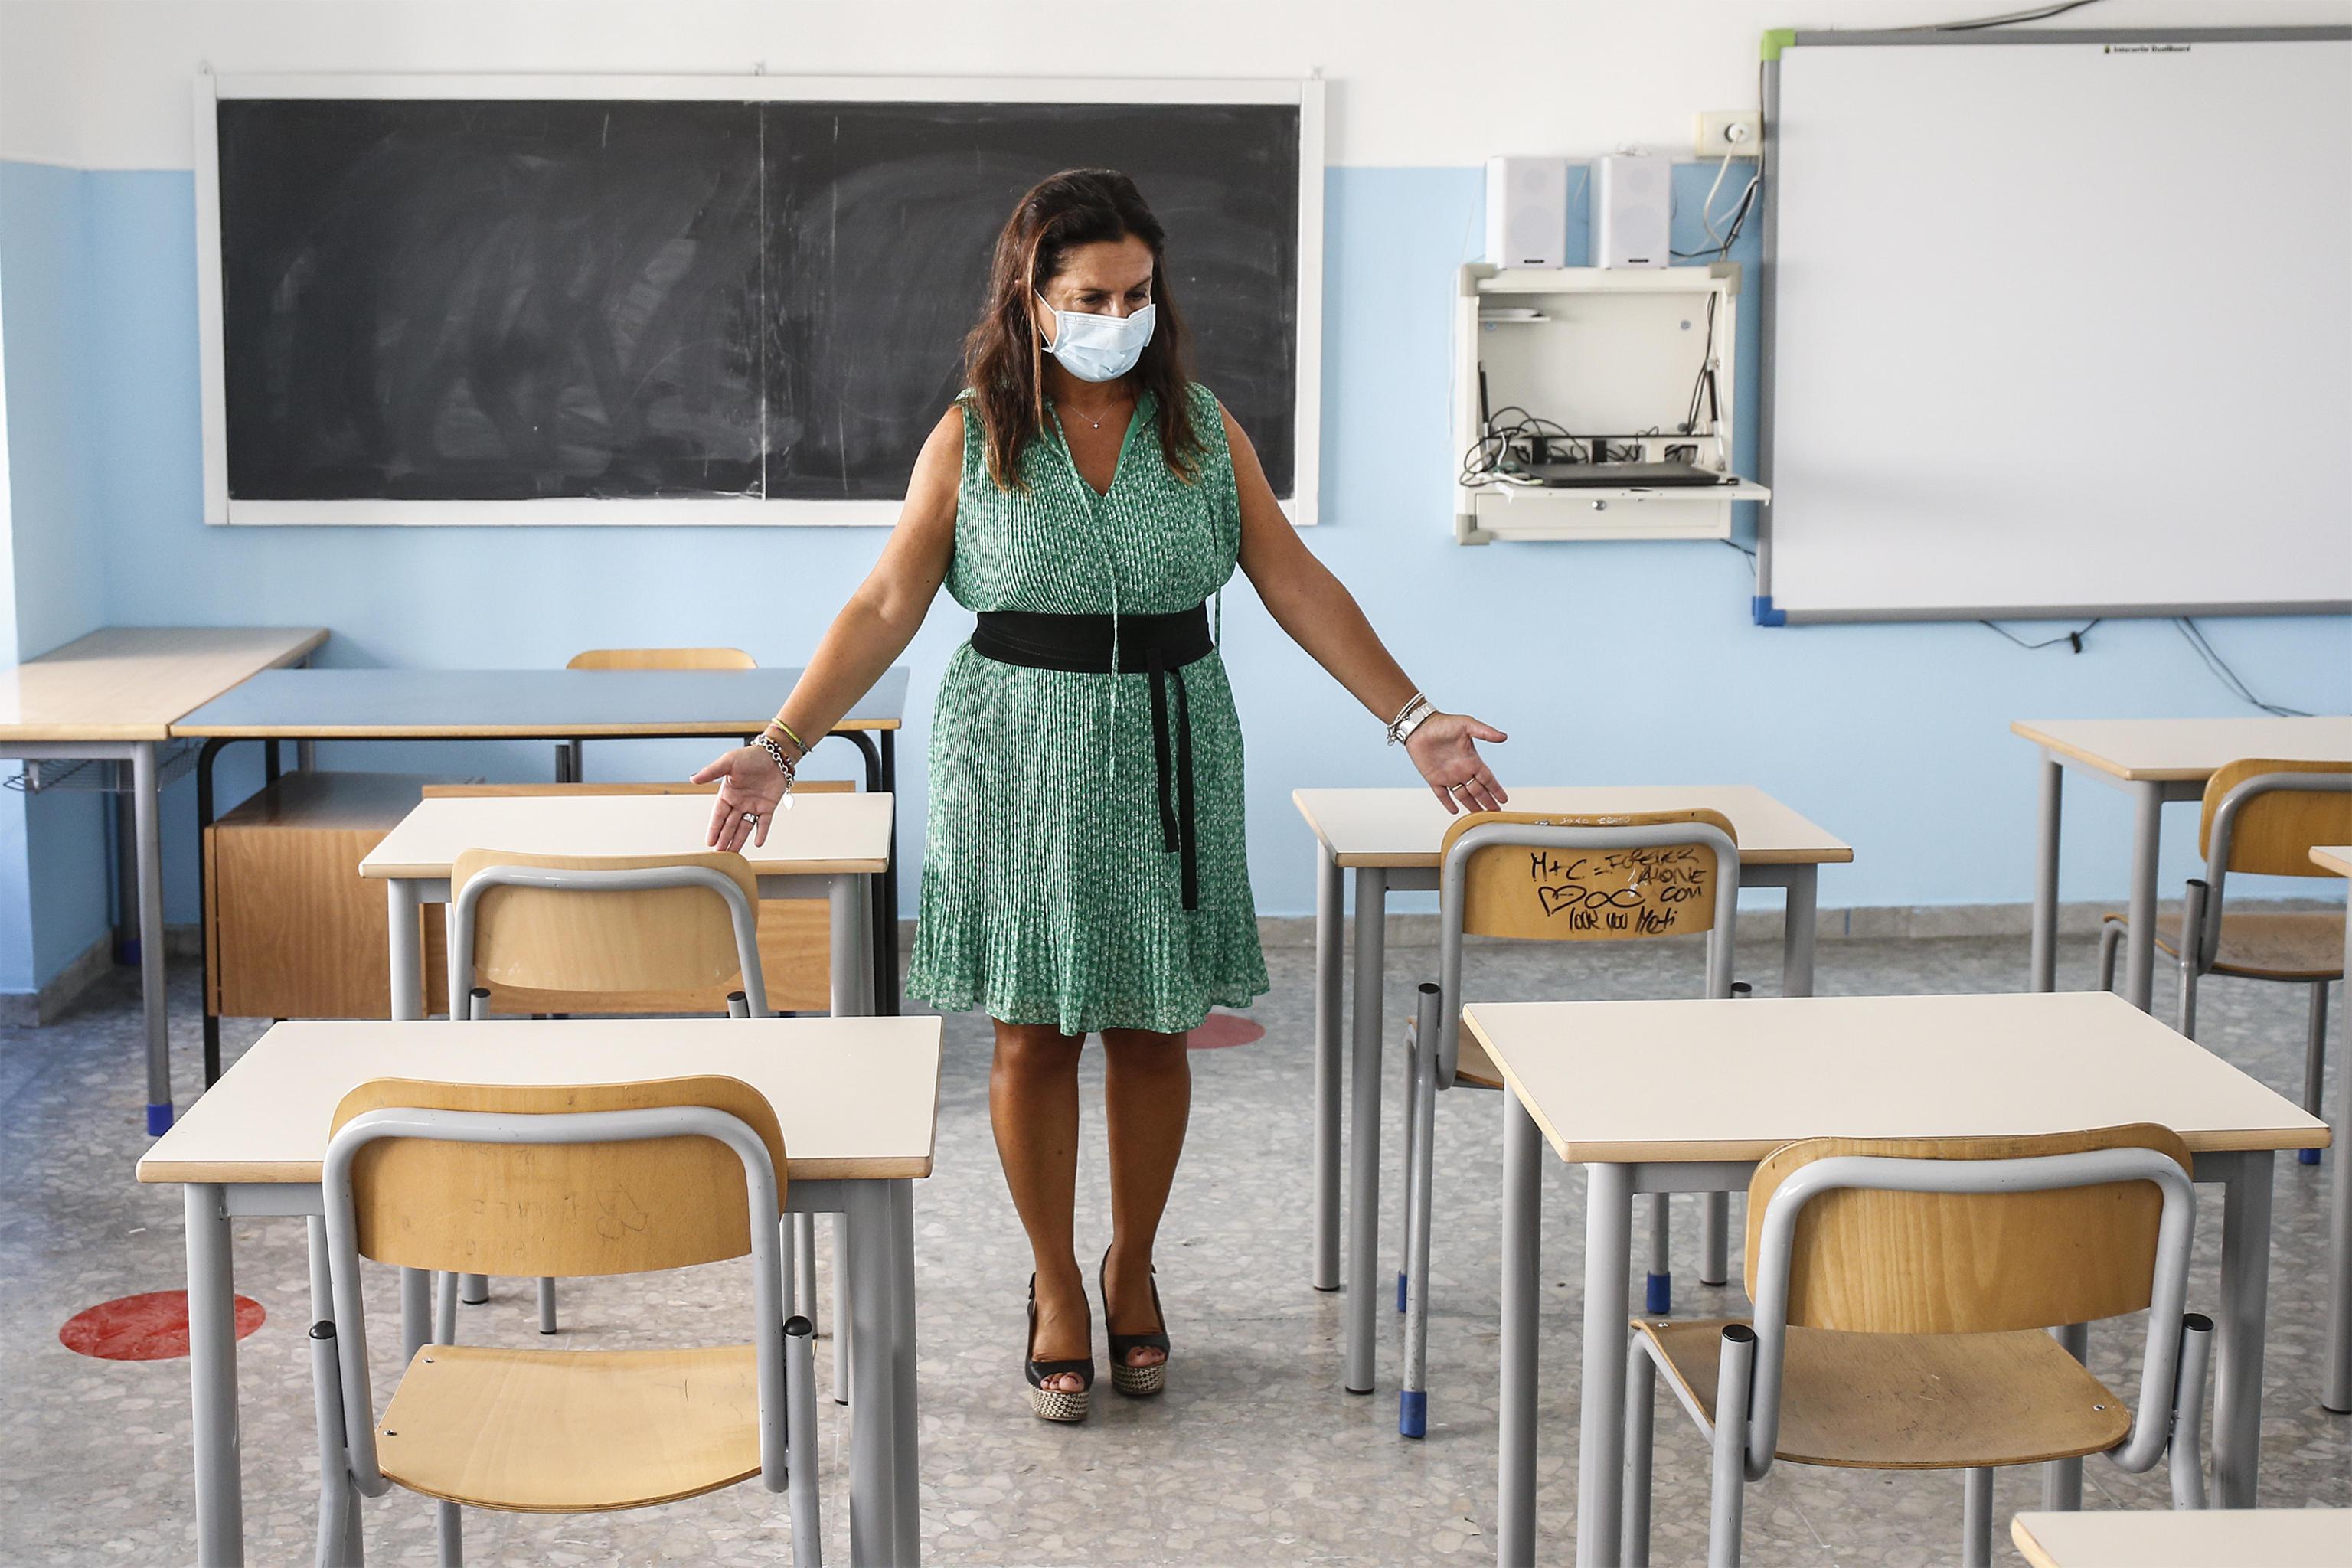 Si torna in classe ancora a colpi di Tar: i giudici riaprono in Campania, la Puglia verso il rinvio per le superiori